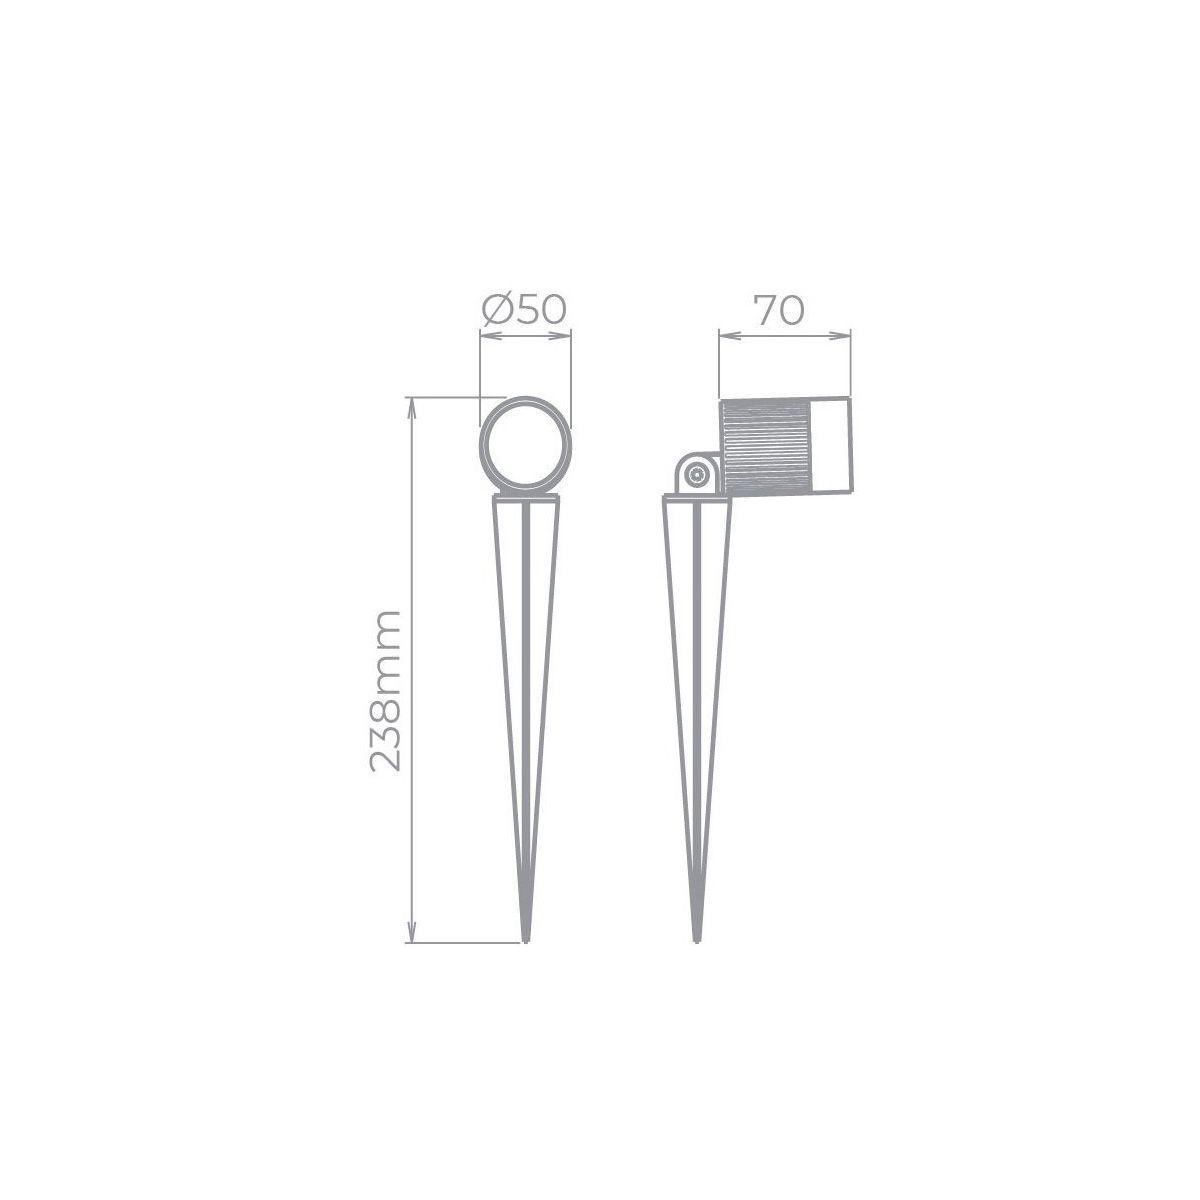 Kit 7x Espeto 3W STH7702/30 + 7x Espeto 7W STH7703/30 - IP67 Branco Quente